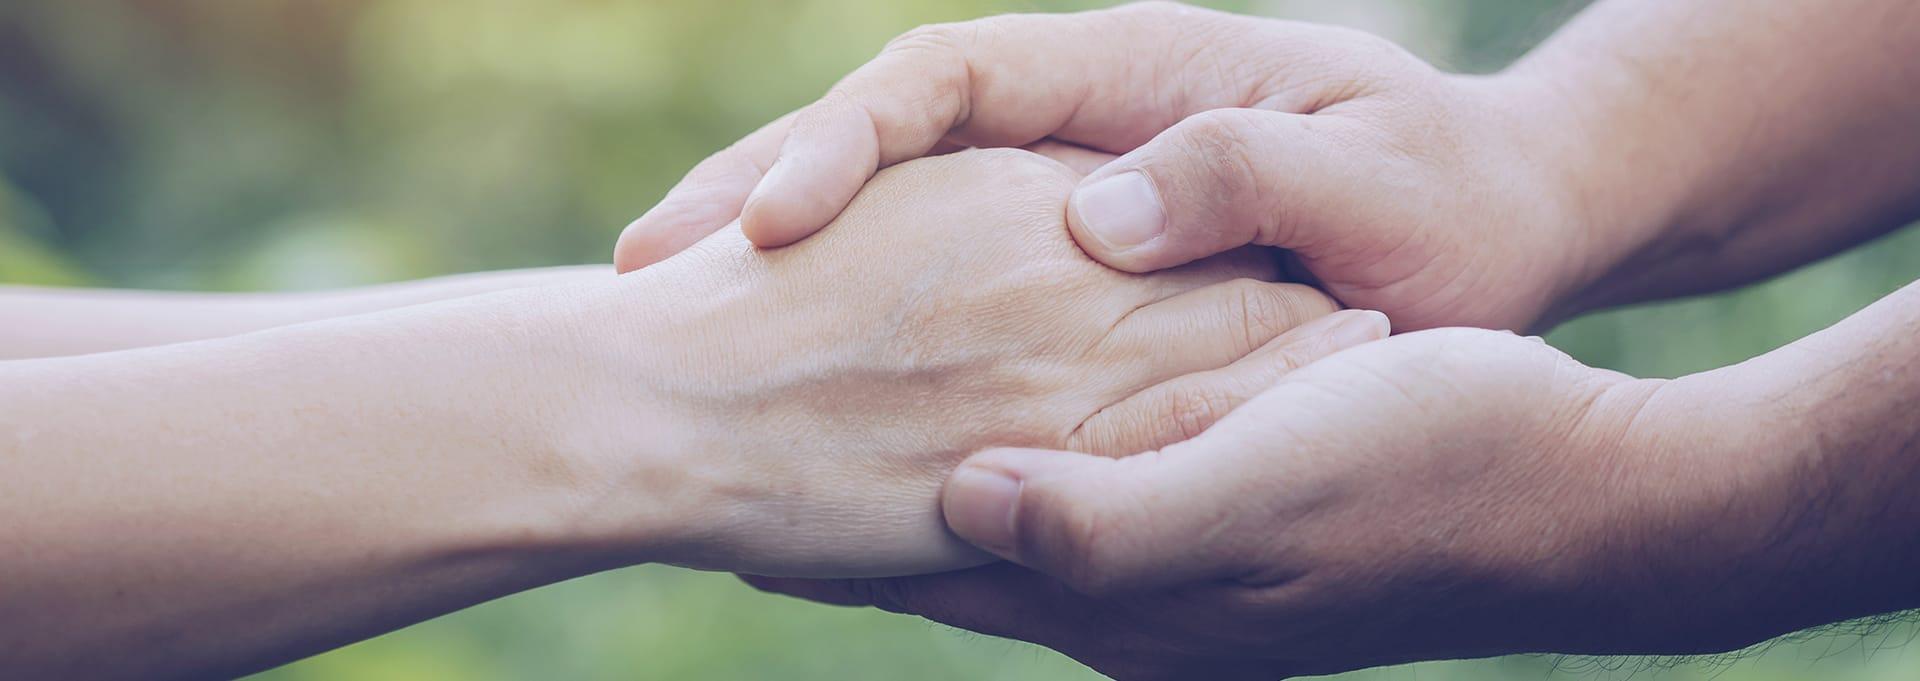 Mains - Soin des mains : hydrater ses mains au quotidien - Dermophil